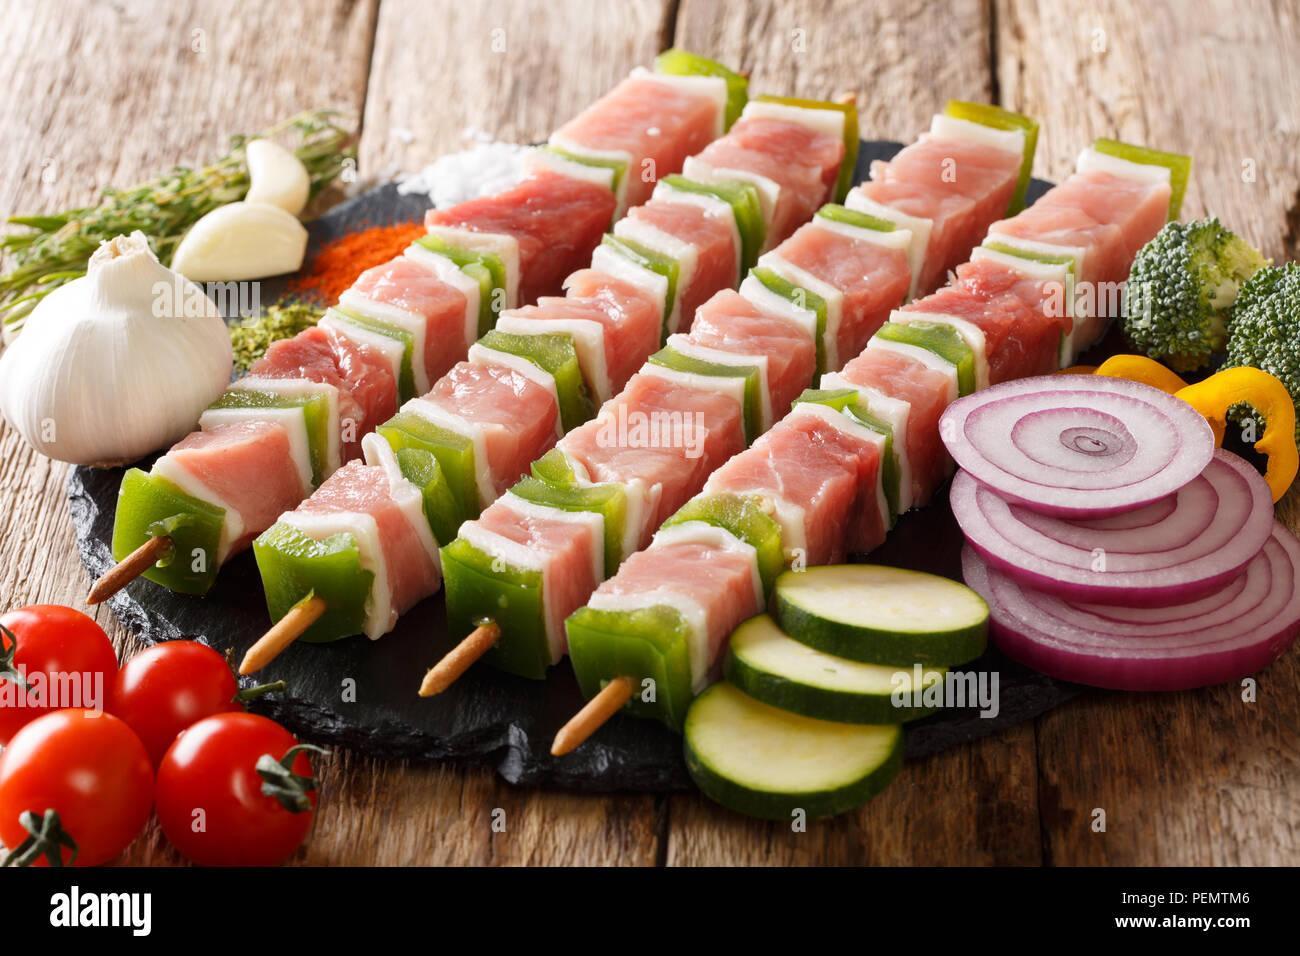 Barbecue pour matières shish kebab avec du poivre et le lard sur les brochettes, close-up et les ingrédients, légumes, épices, fines herbes sur la table horizontale. Photo Stock